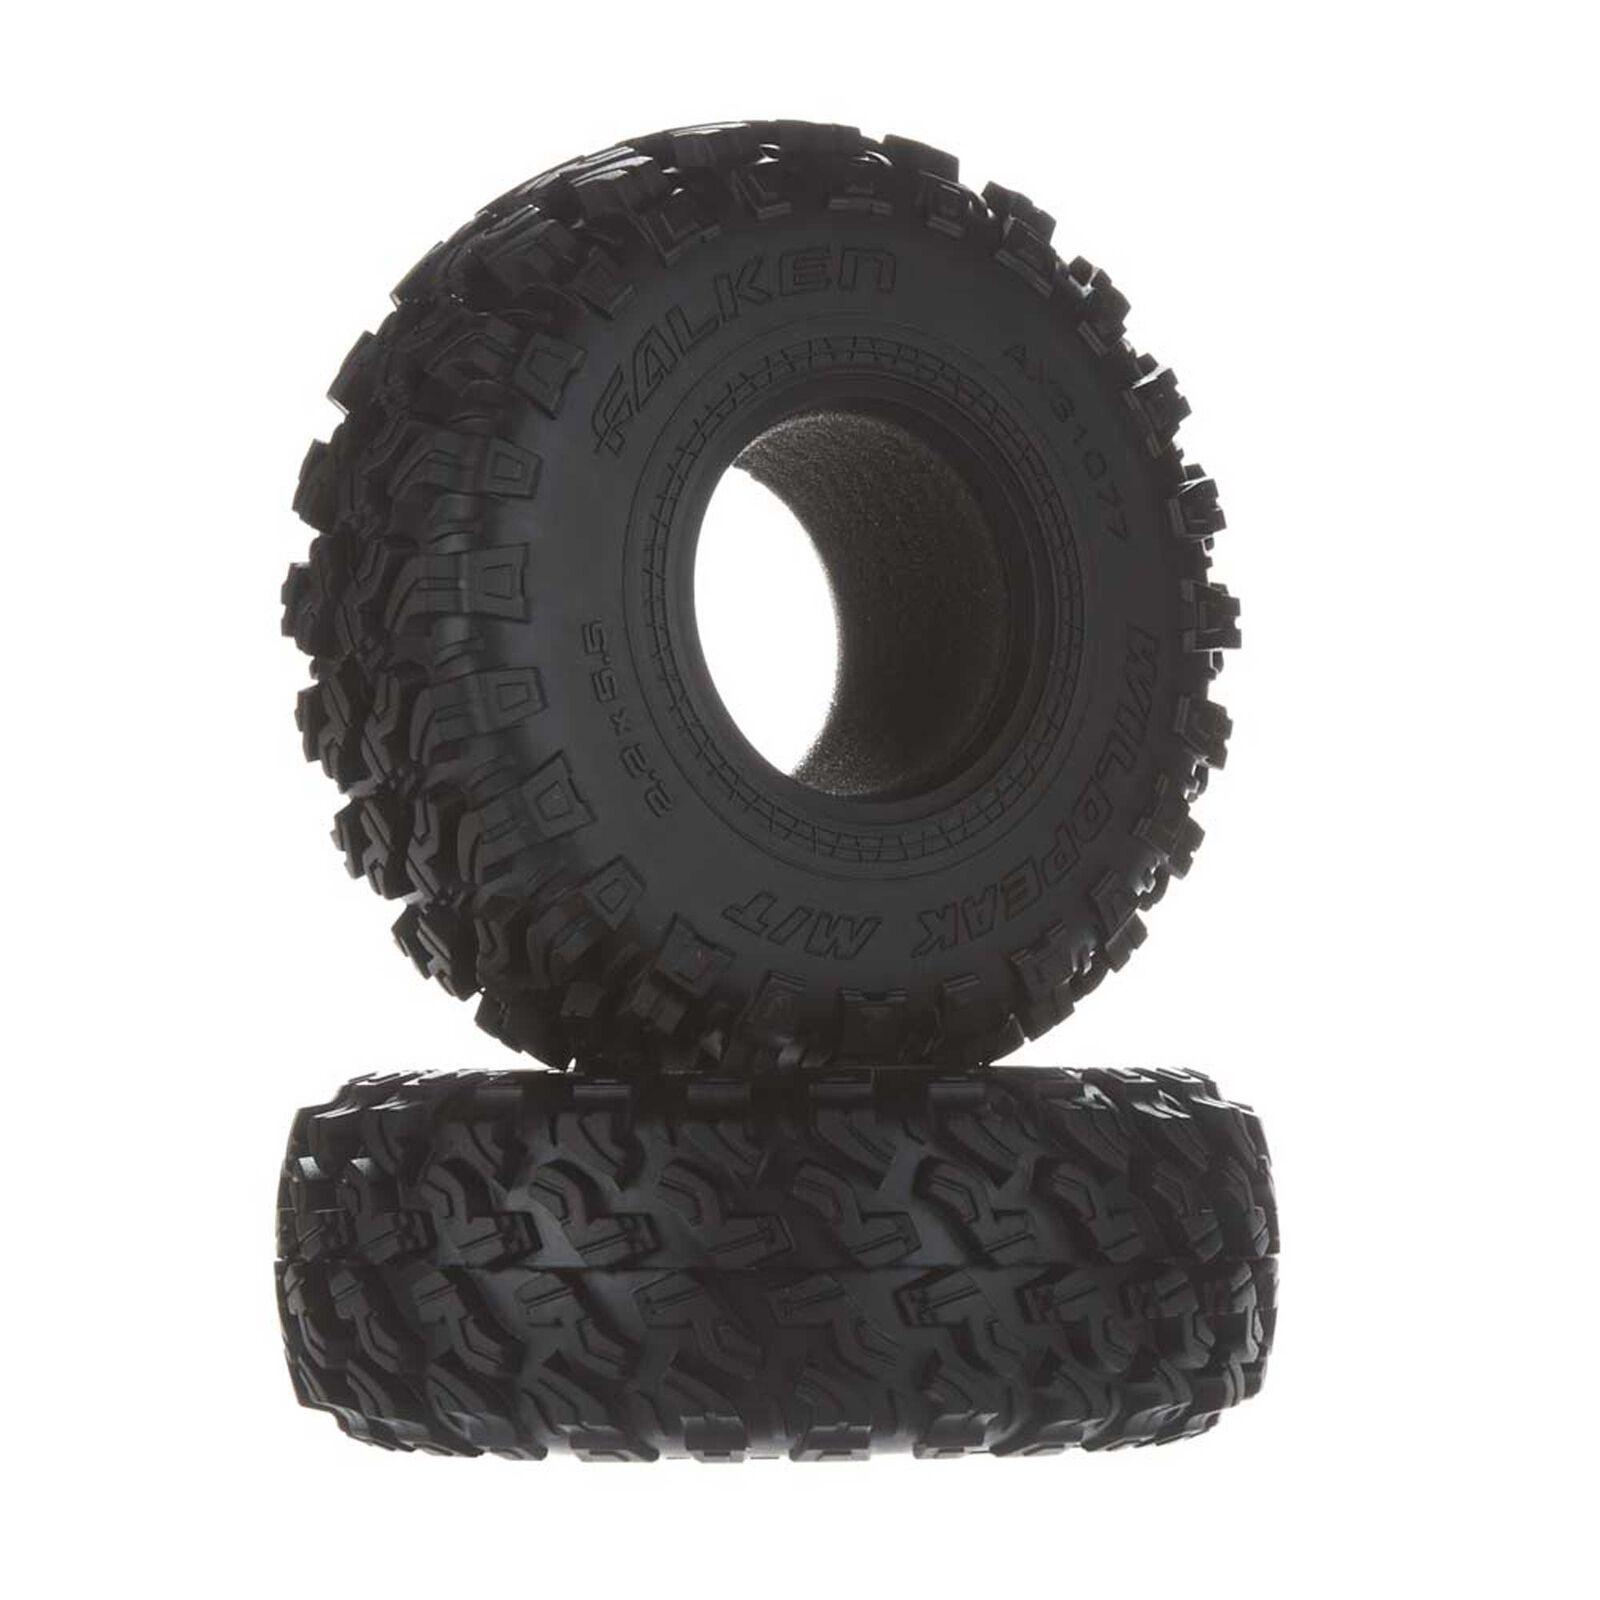 1/10 Falken Wildpeak M T R35 Compound 2.2 Tire with Inserts (2)